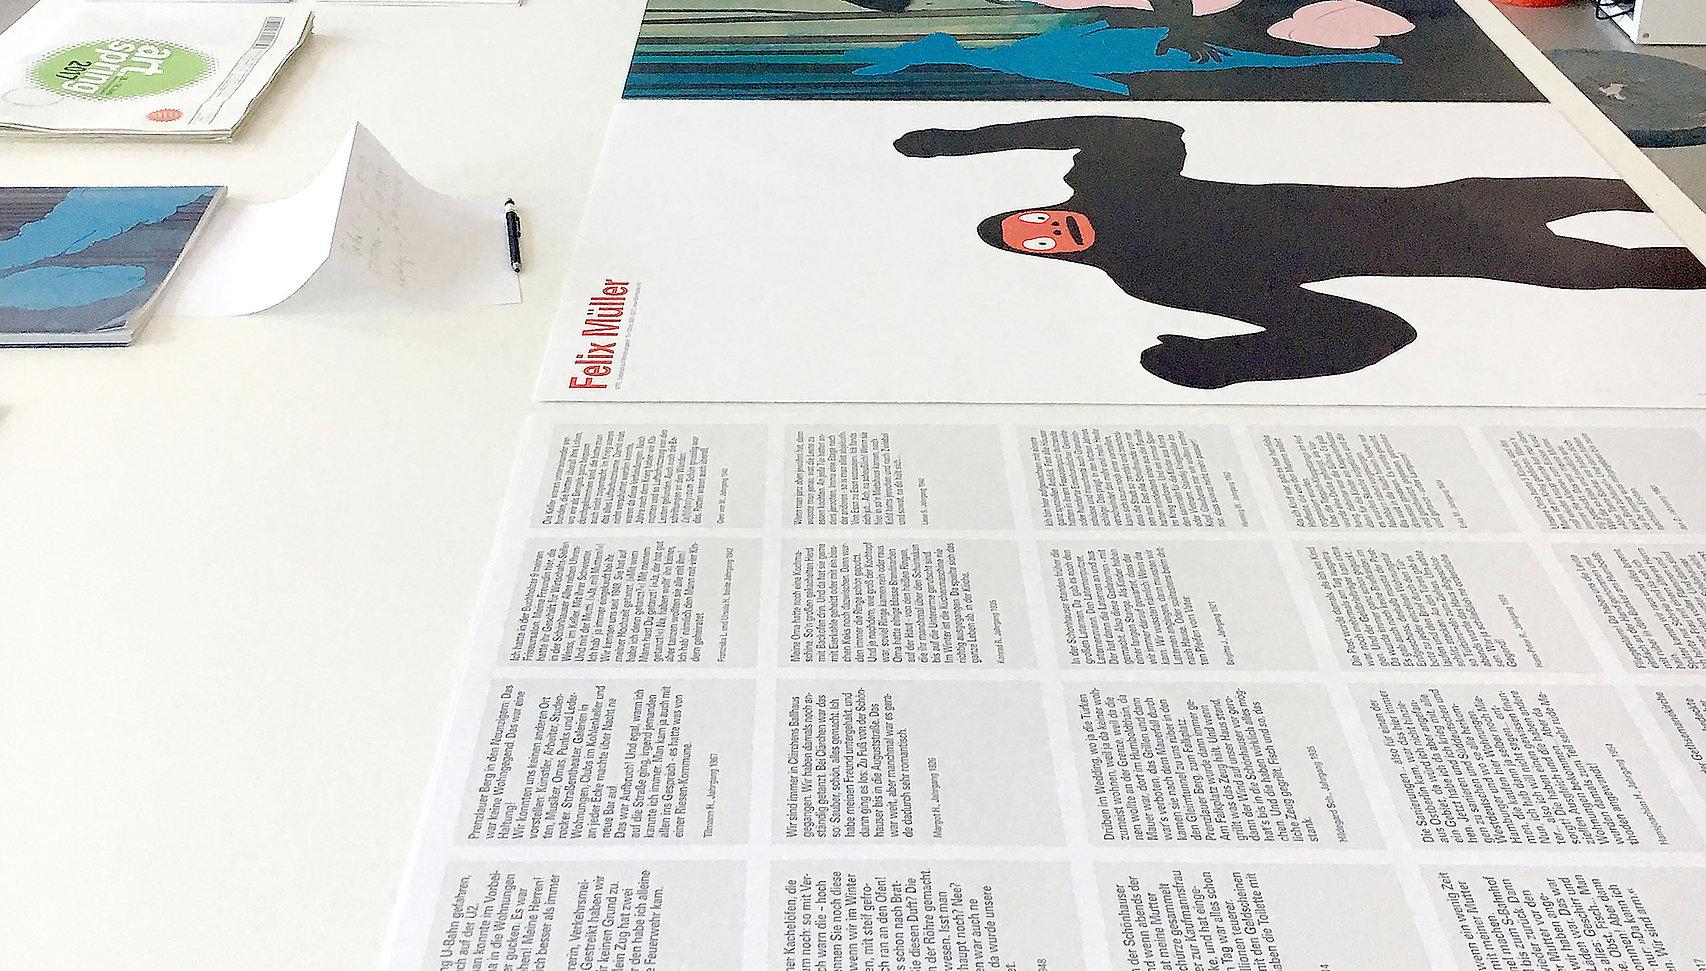 Der Arbeitsraum und Druckerzegnisse der Beriner Grafik-Agentur Muellr and Friends.